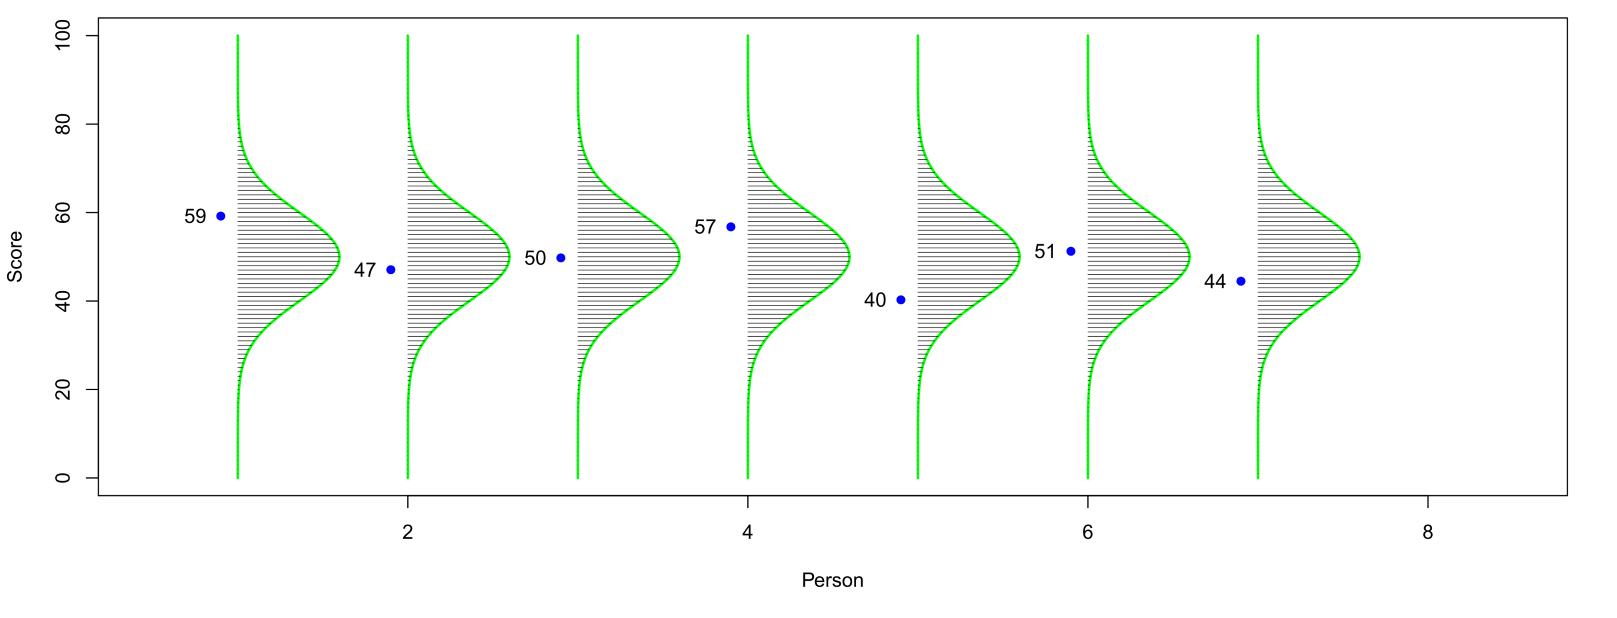 Testergebnisse von 7 Personen